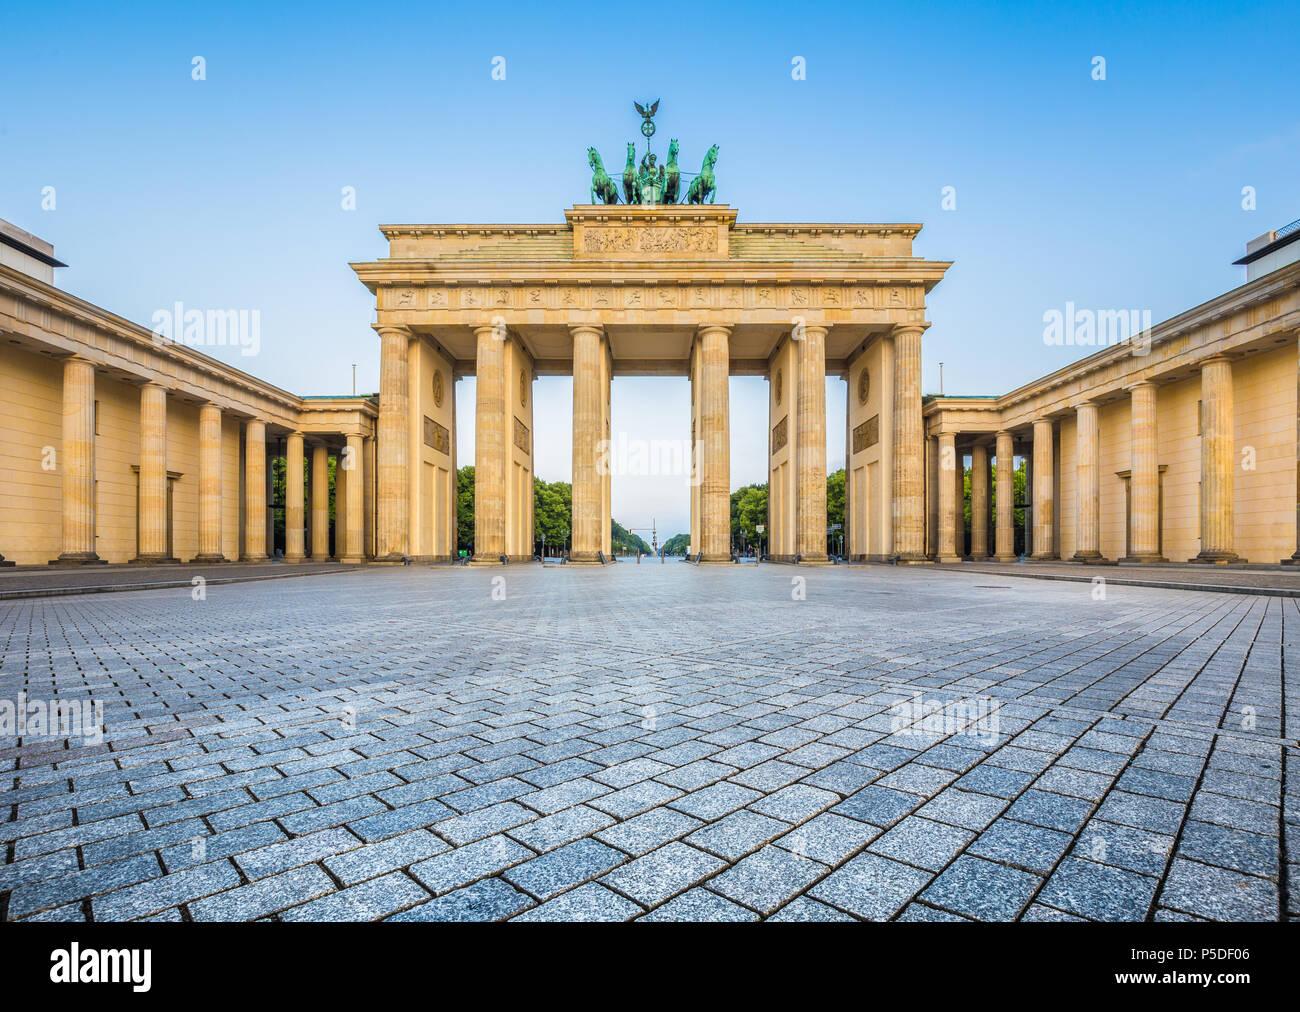 Célèbre Brandenburger Tor (Porte de Brandebourg), l'un des plus célèbres monuments et symboles nationaux de l'Allemagne, dans la belle lumière du matin au soleil d'or Photo Stock